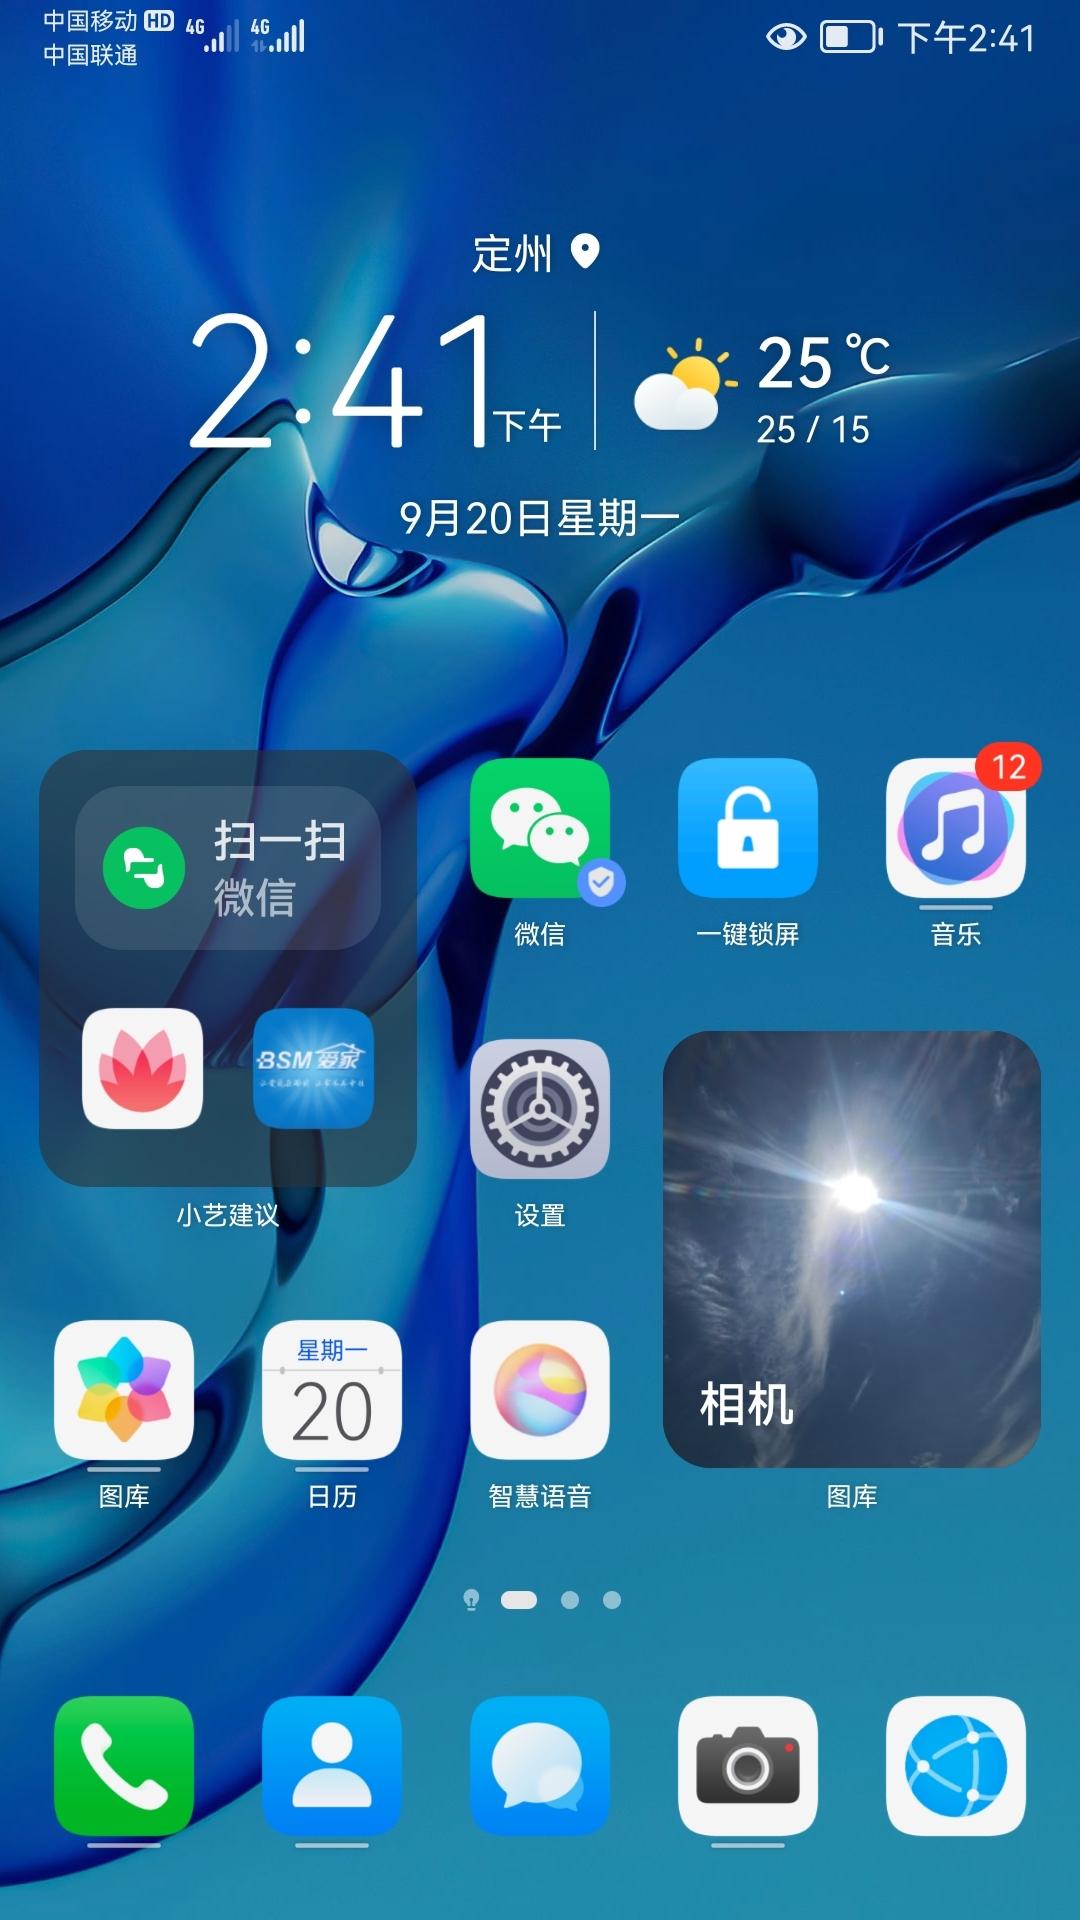 Screenshot_20210920_144127_com.huawei.android.launcher.jpg